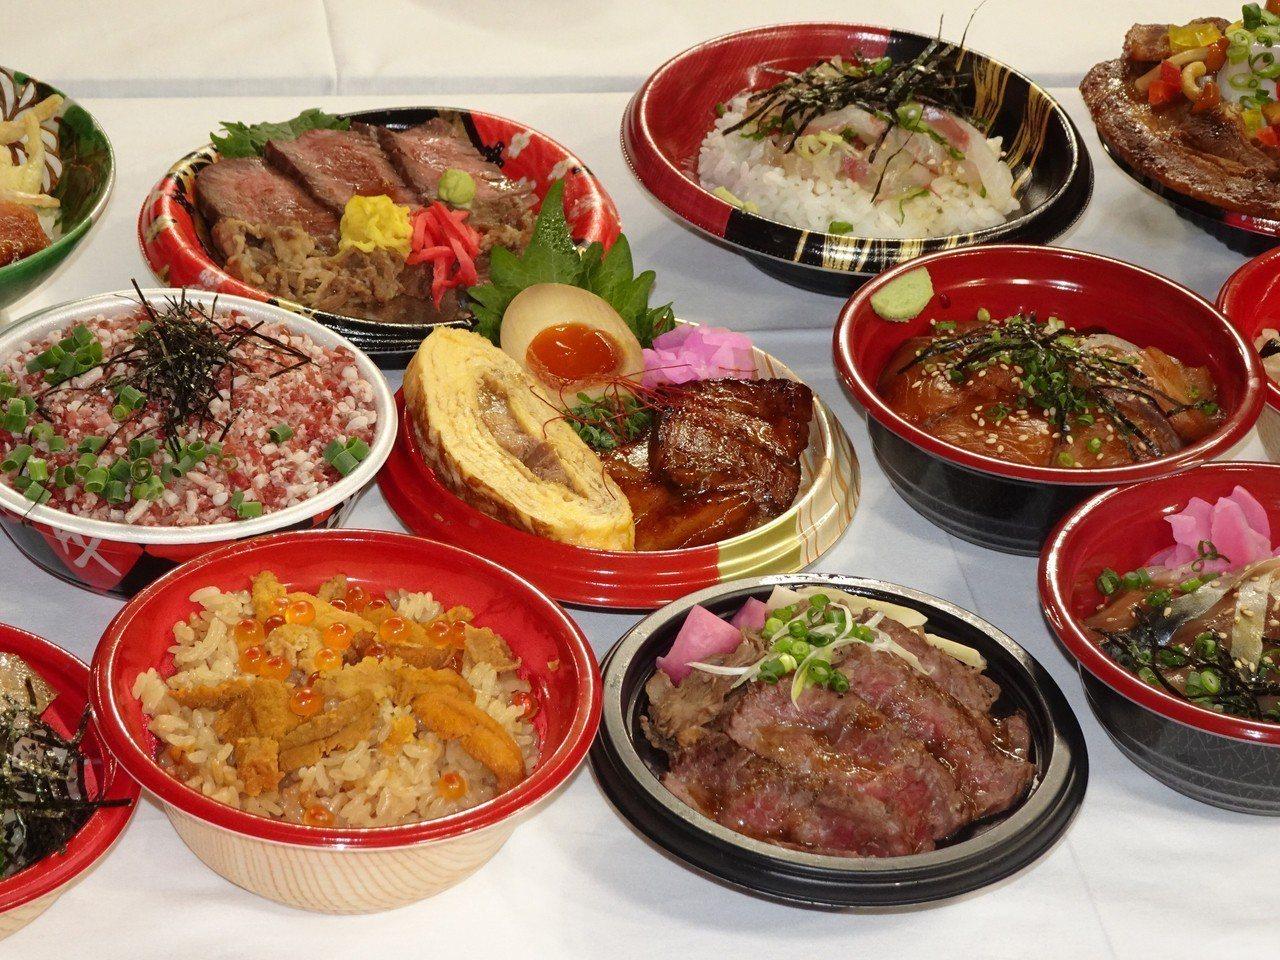 東京故鄉祭(慶典)11日至20日在東京巨蛋舉行。本屆美食除了有蓋飯、拉麵外,還首...